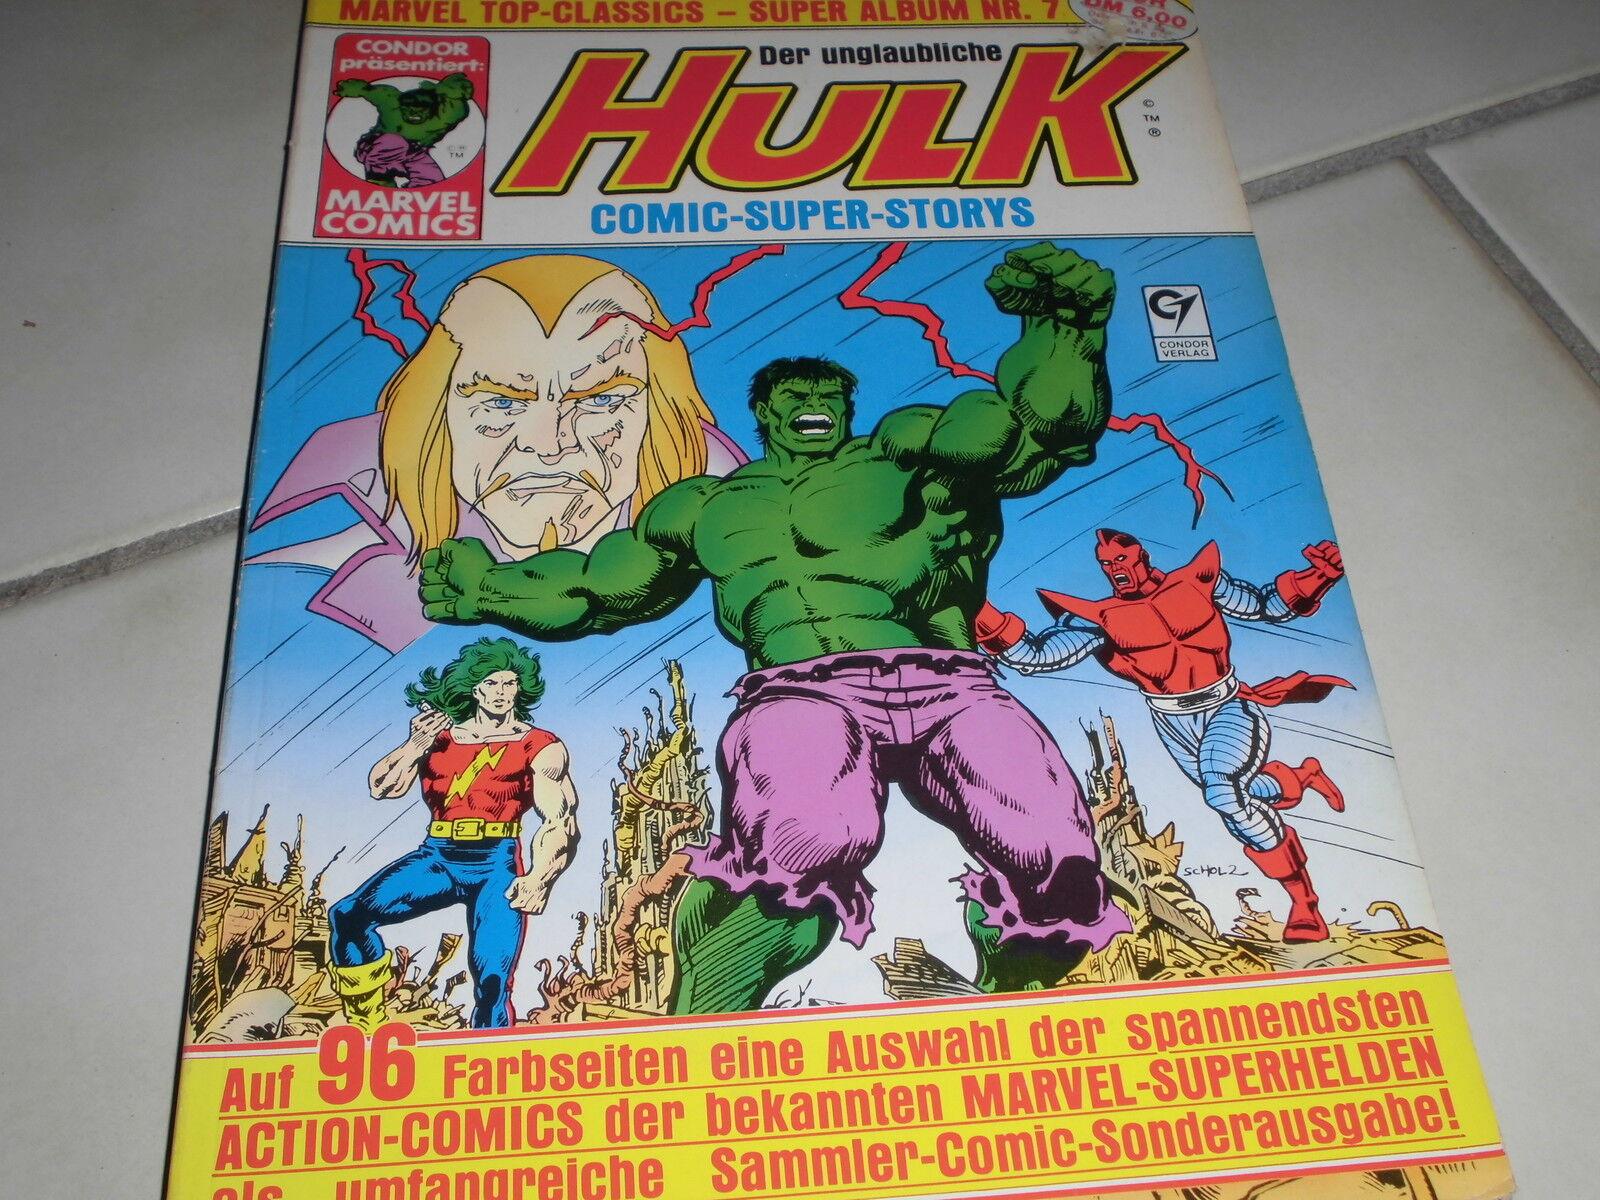 Wer Kennt Diese Marvel-Charaktere?